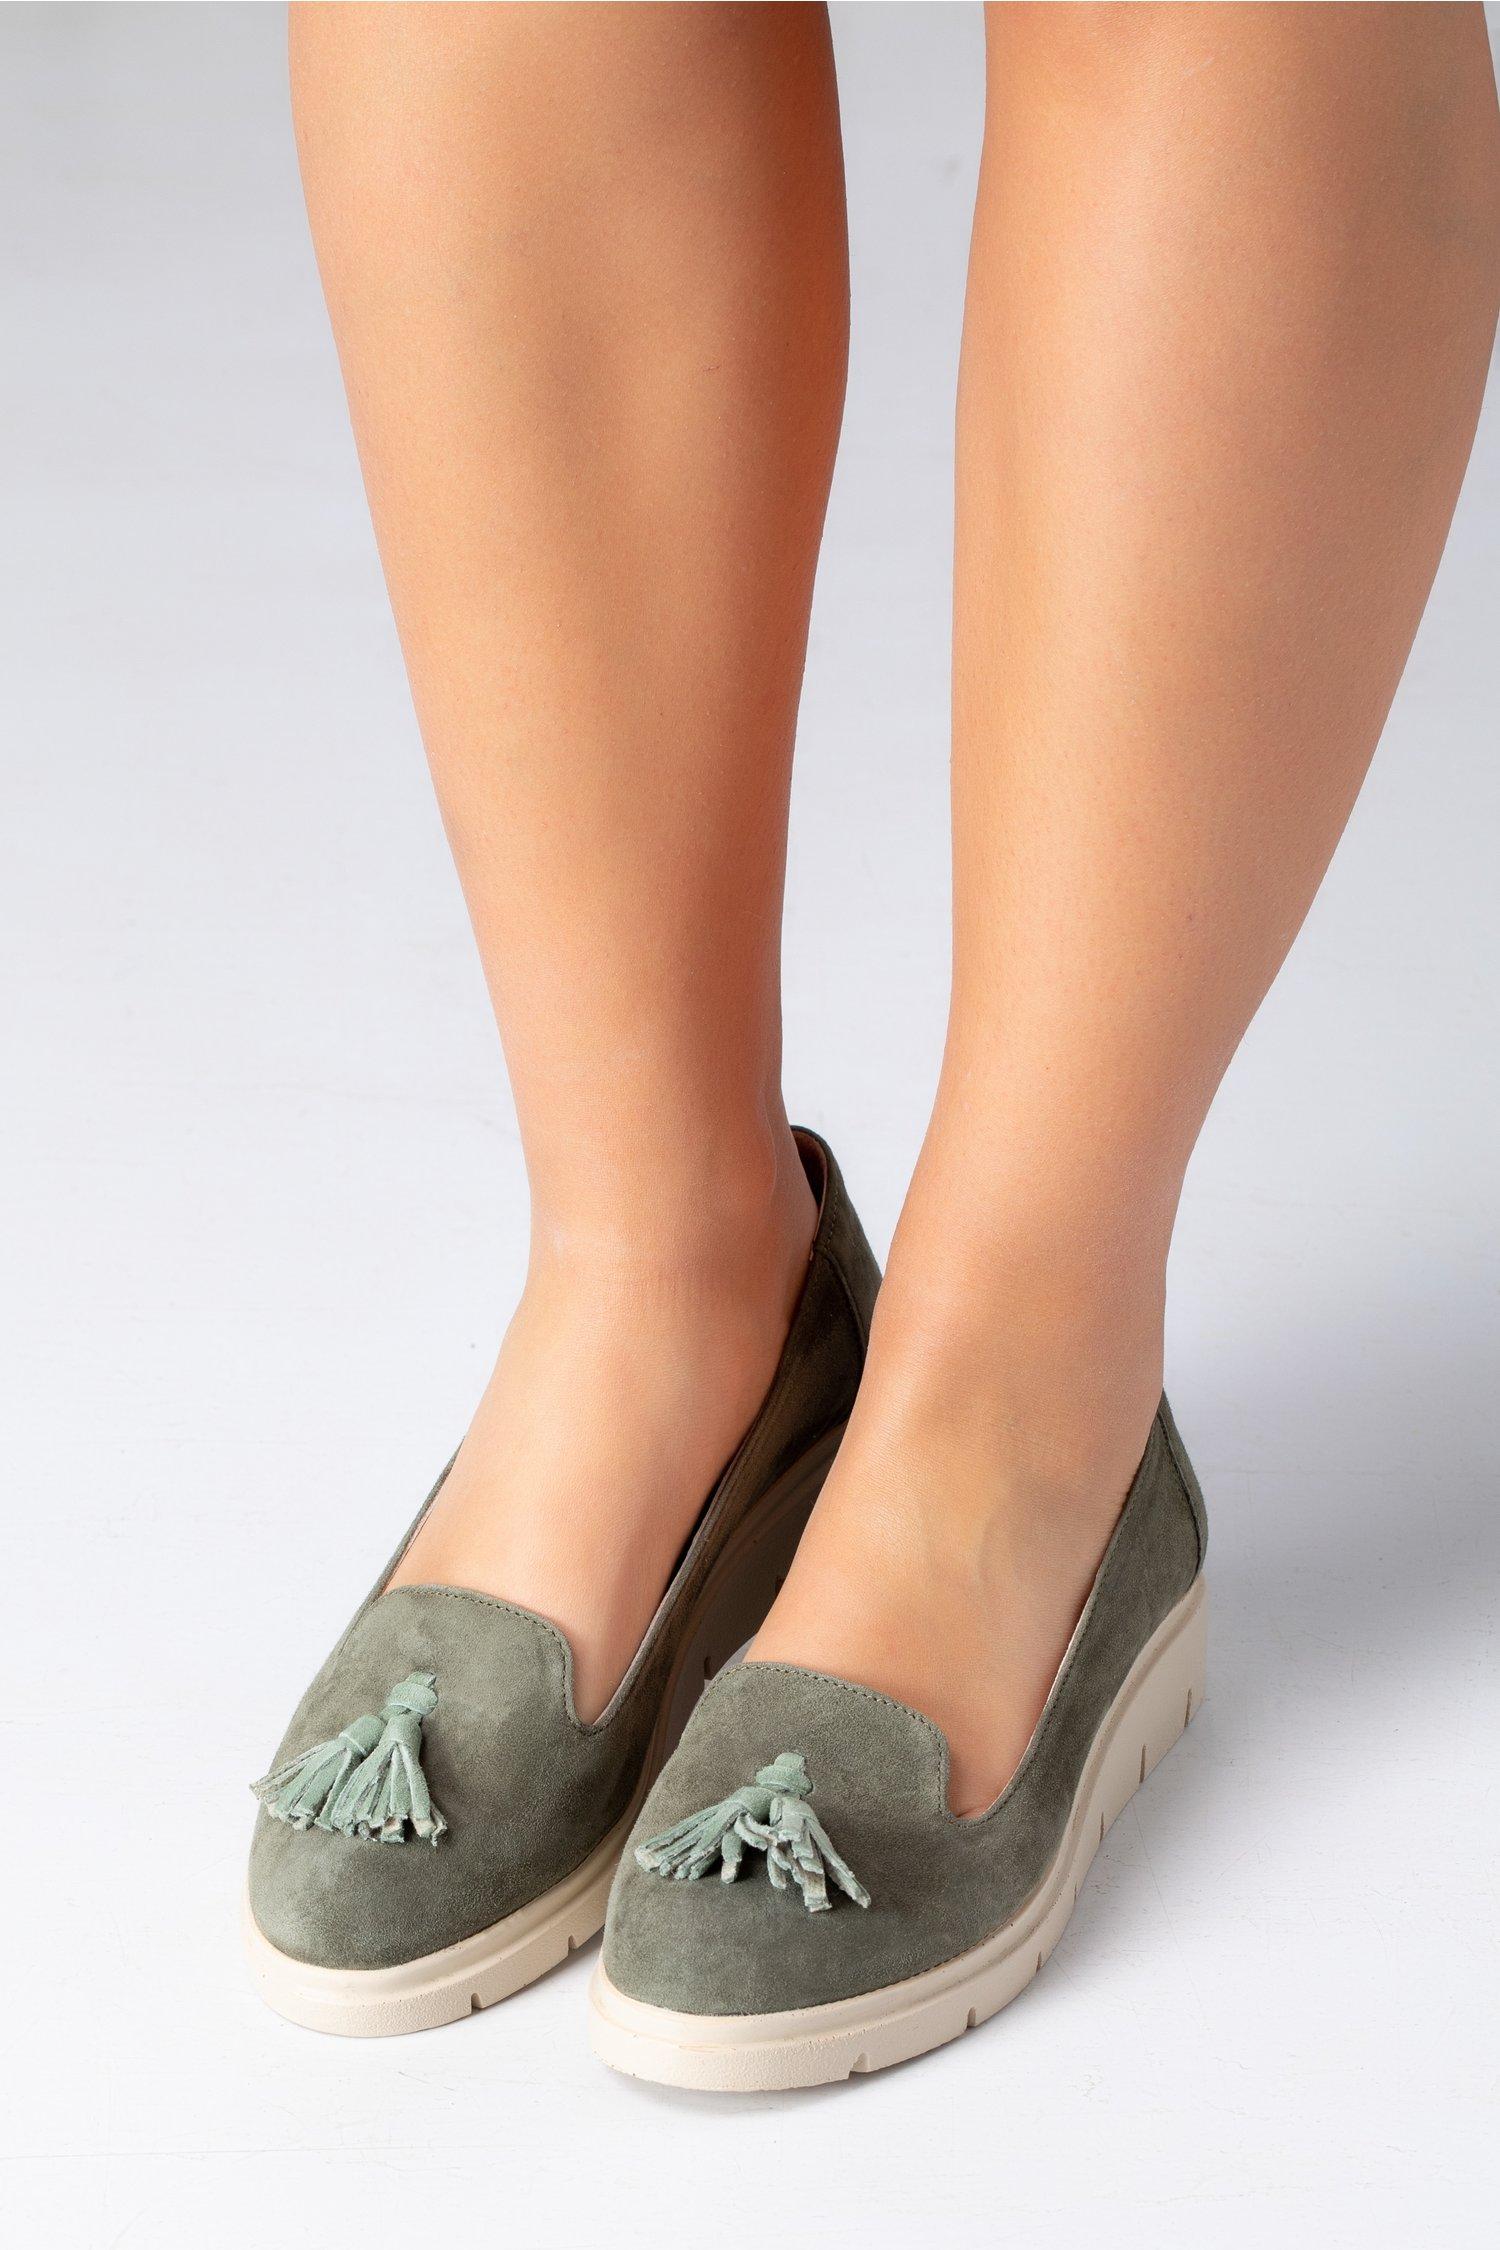 Pantofi Emma kaki cu ciucurei si decupaj